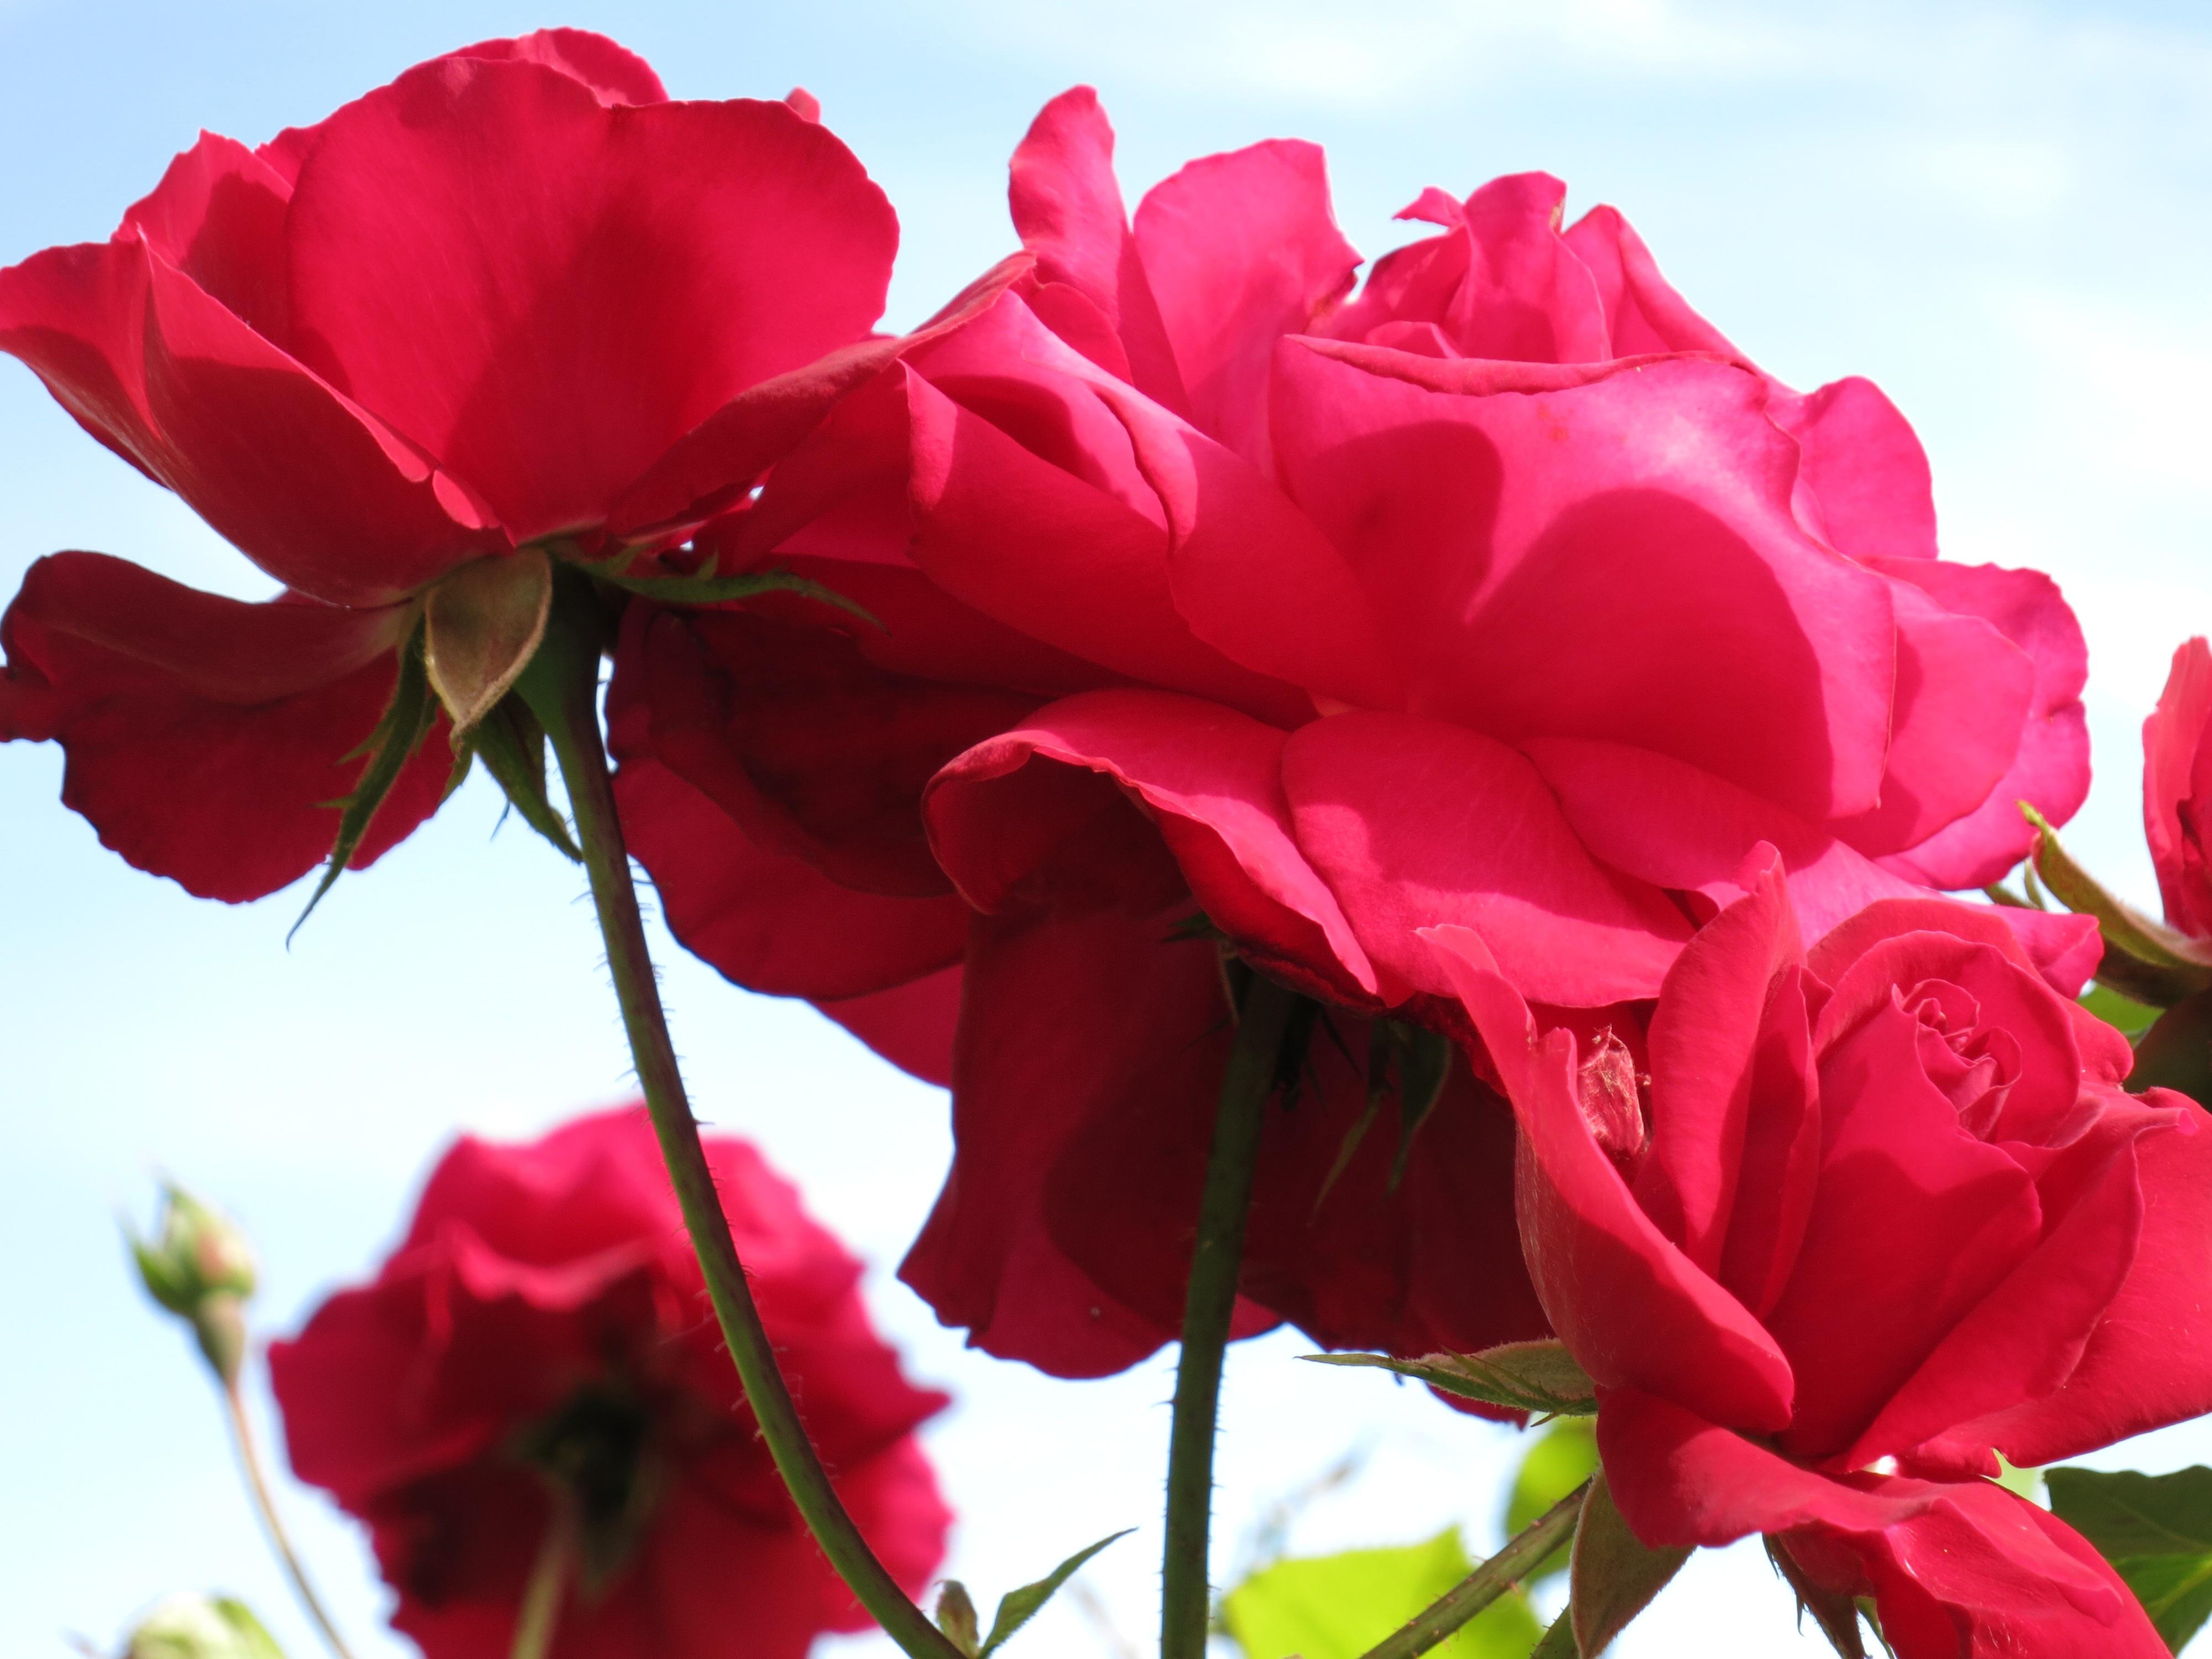 Hình Ảnh : Thực Vật, Cánh Hoa, Bông Hồng, Đỏ, Hồng, Hệ Thực Vật, Cây Bụi,  Thúi, Blume, Floribunda, Chụp Macro, Thực Vật Có Hoa, Hoa Hồng Vườn, Gia  Đình Tăng ...